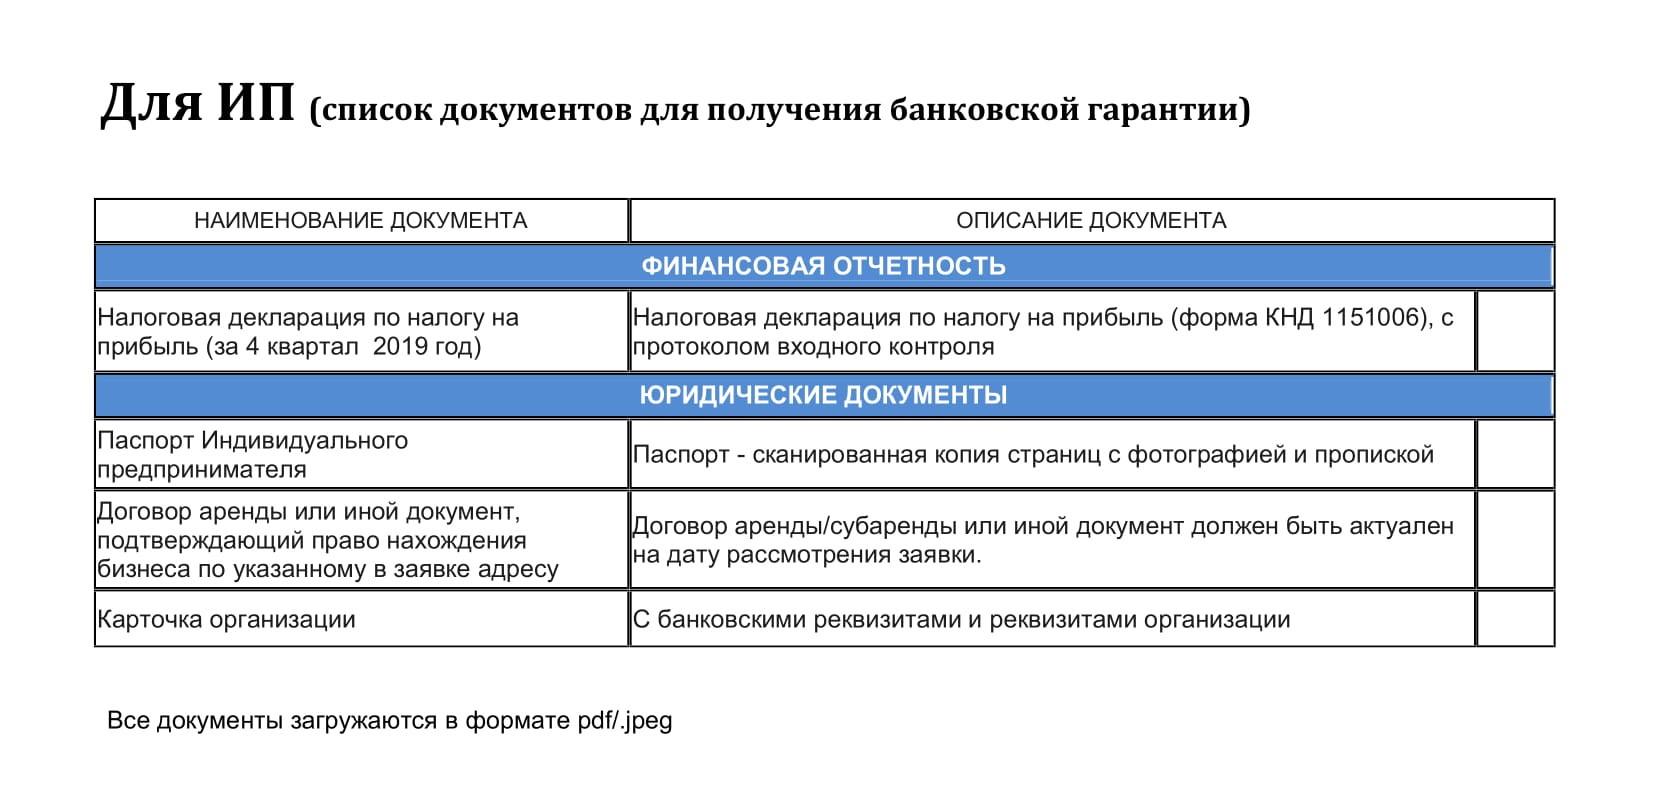 Список документов для ЮЛ и ИП_ 3 кв 2020г (БГ и ТЗ)-1